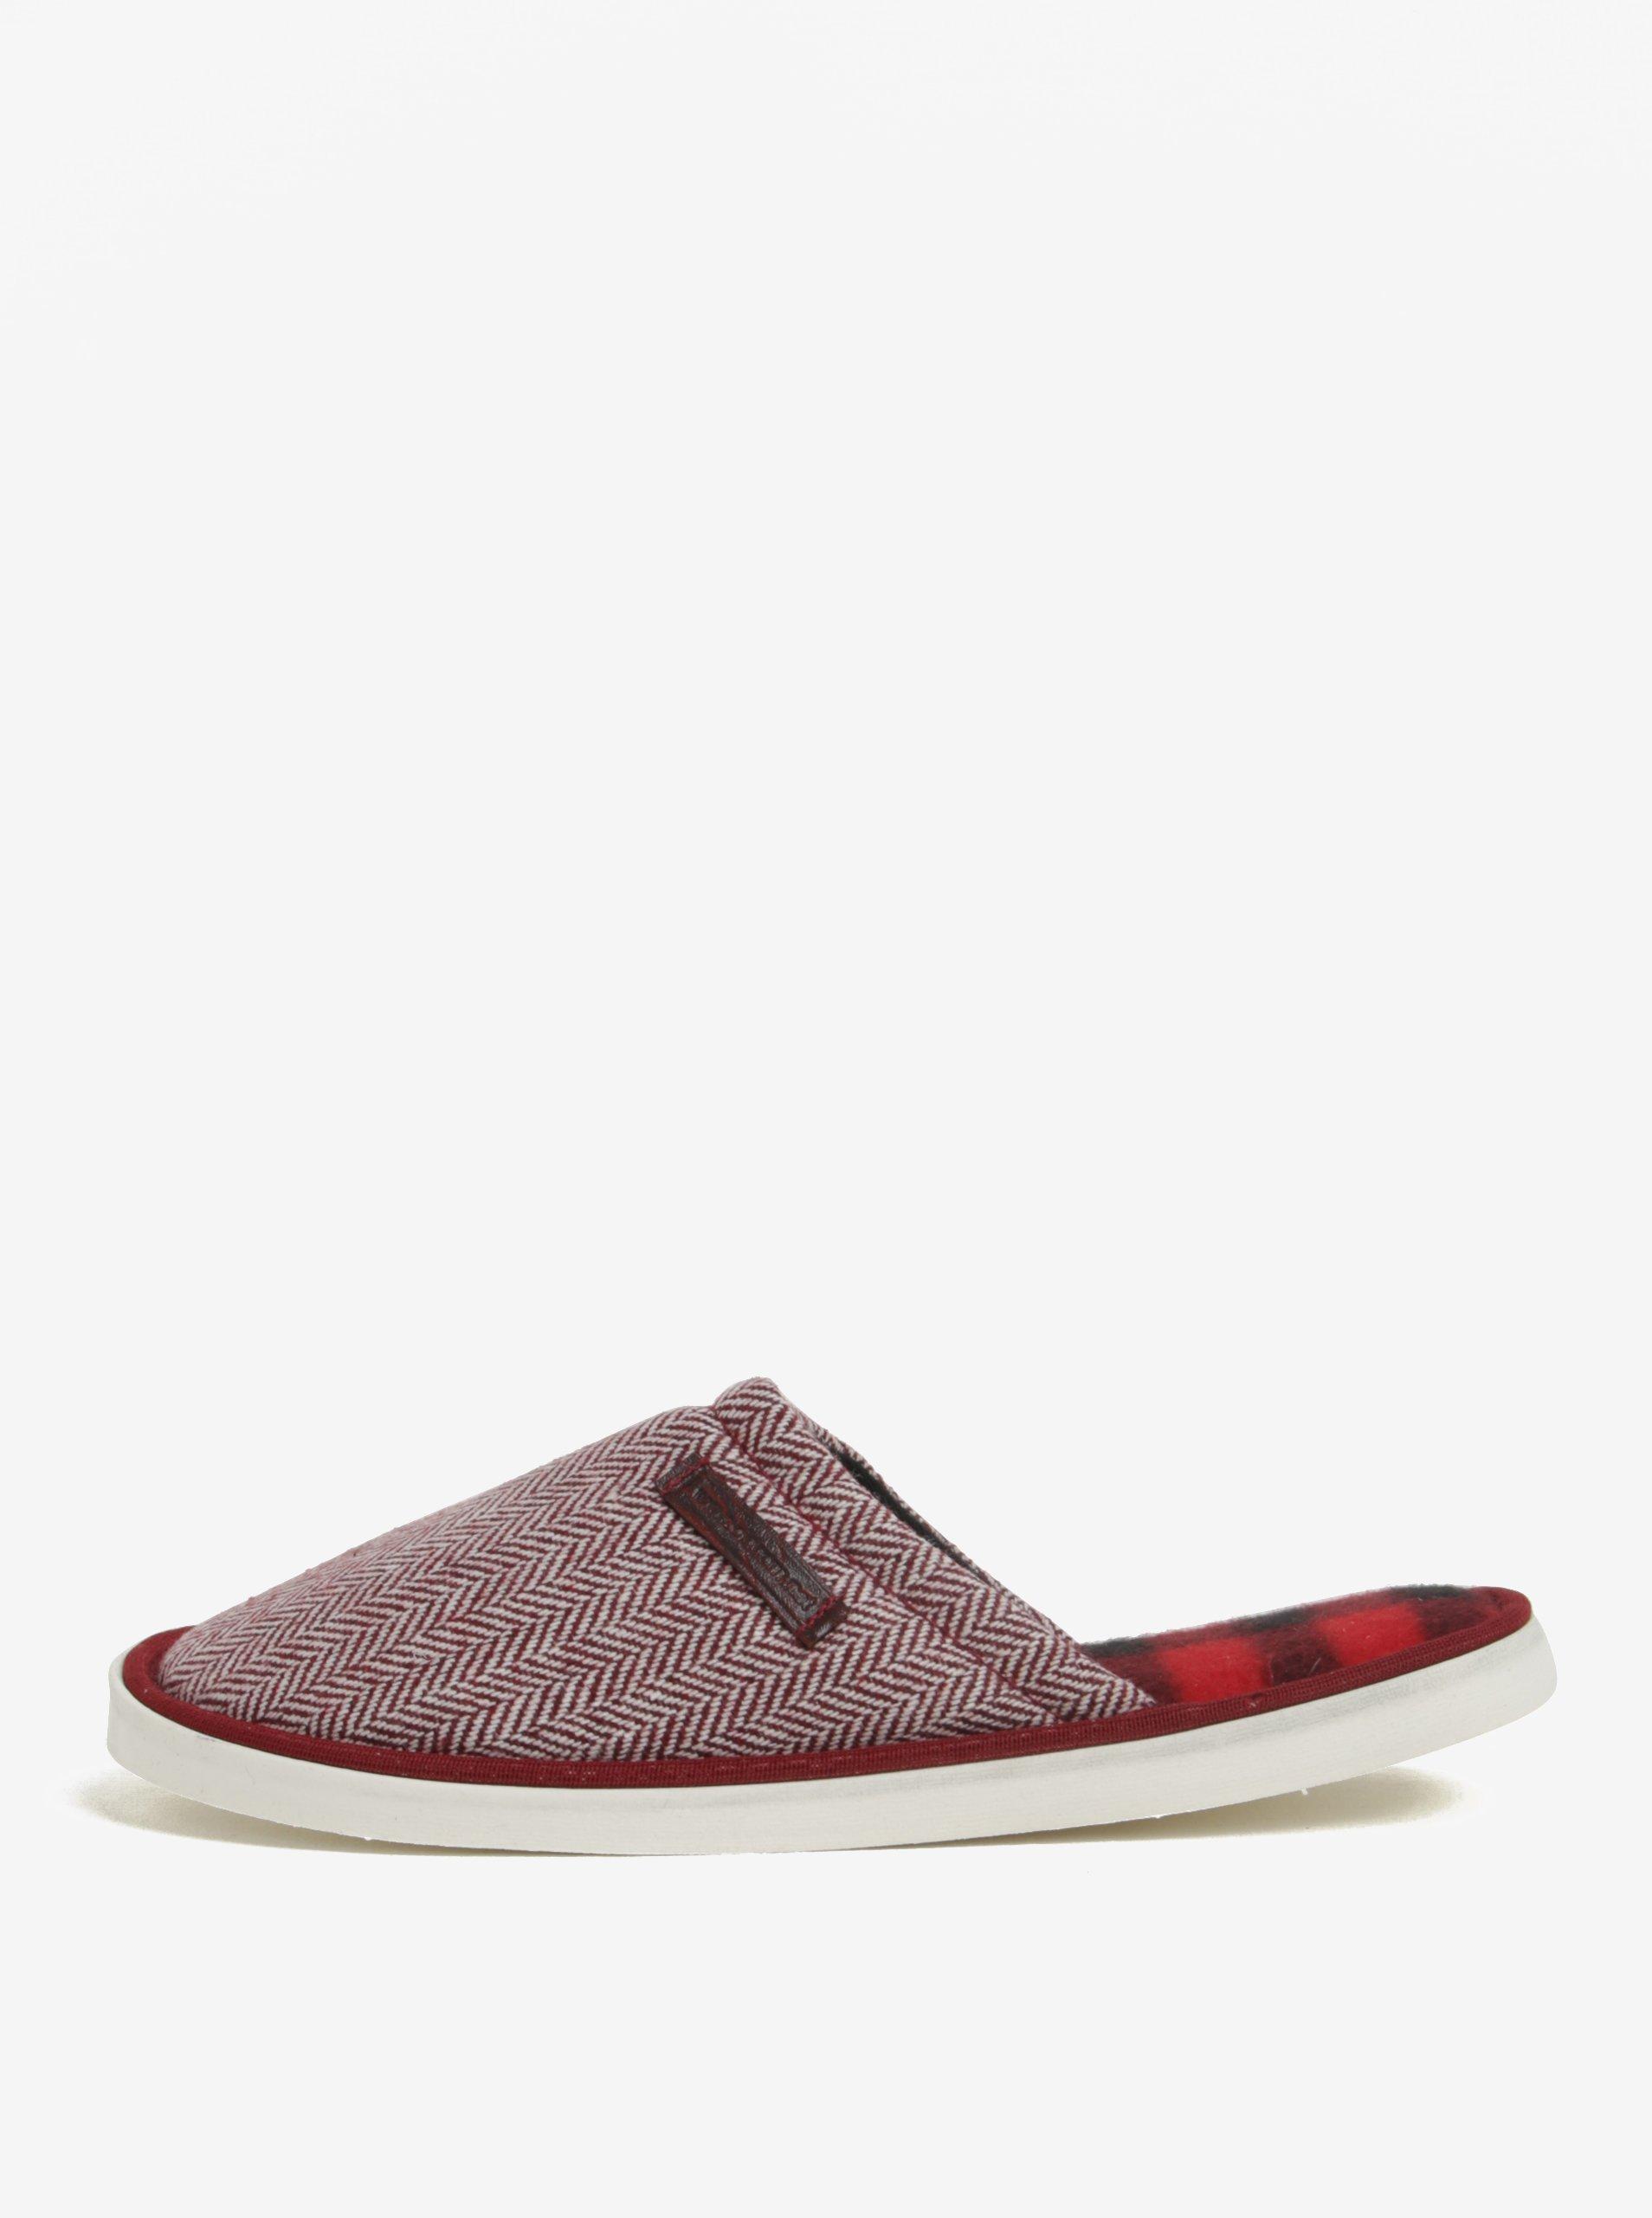 Krémovo-červené unisex vzorované papuče Oldcom Luxhome